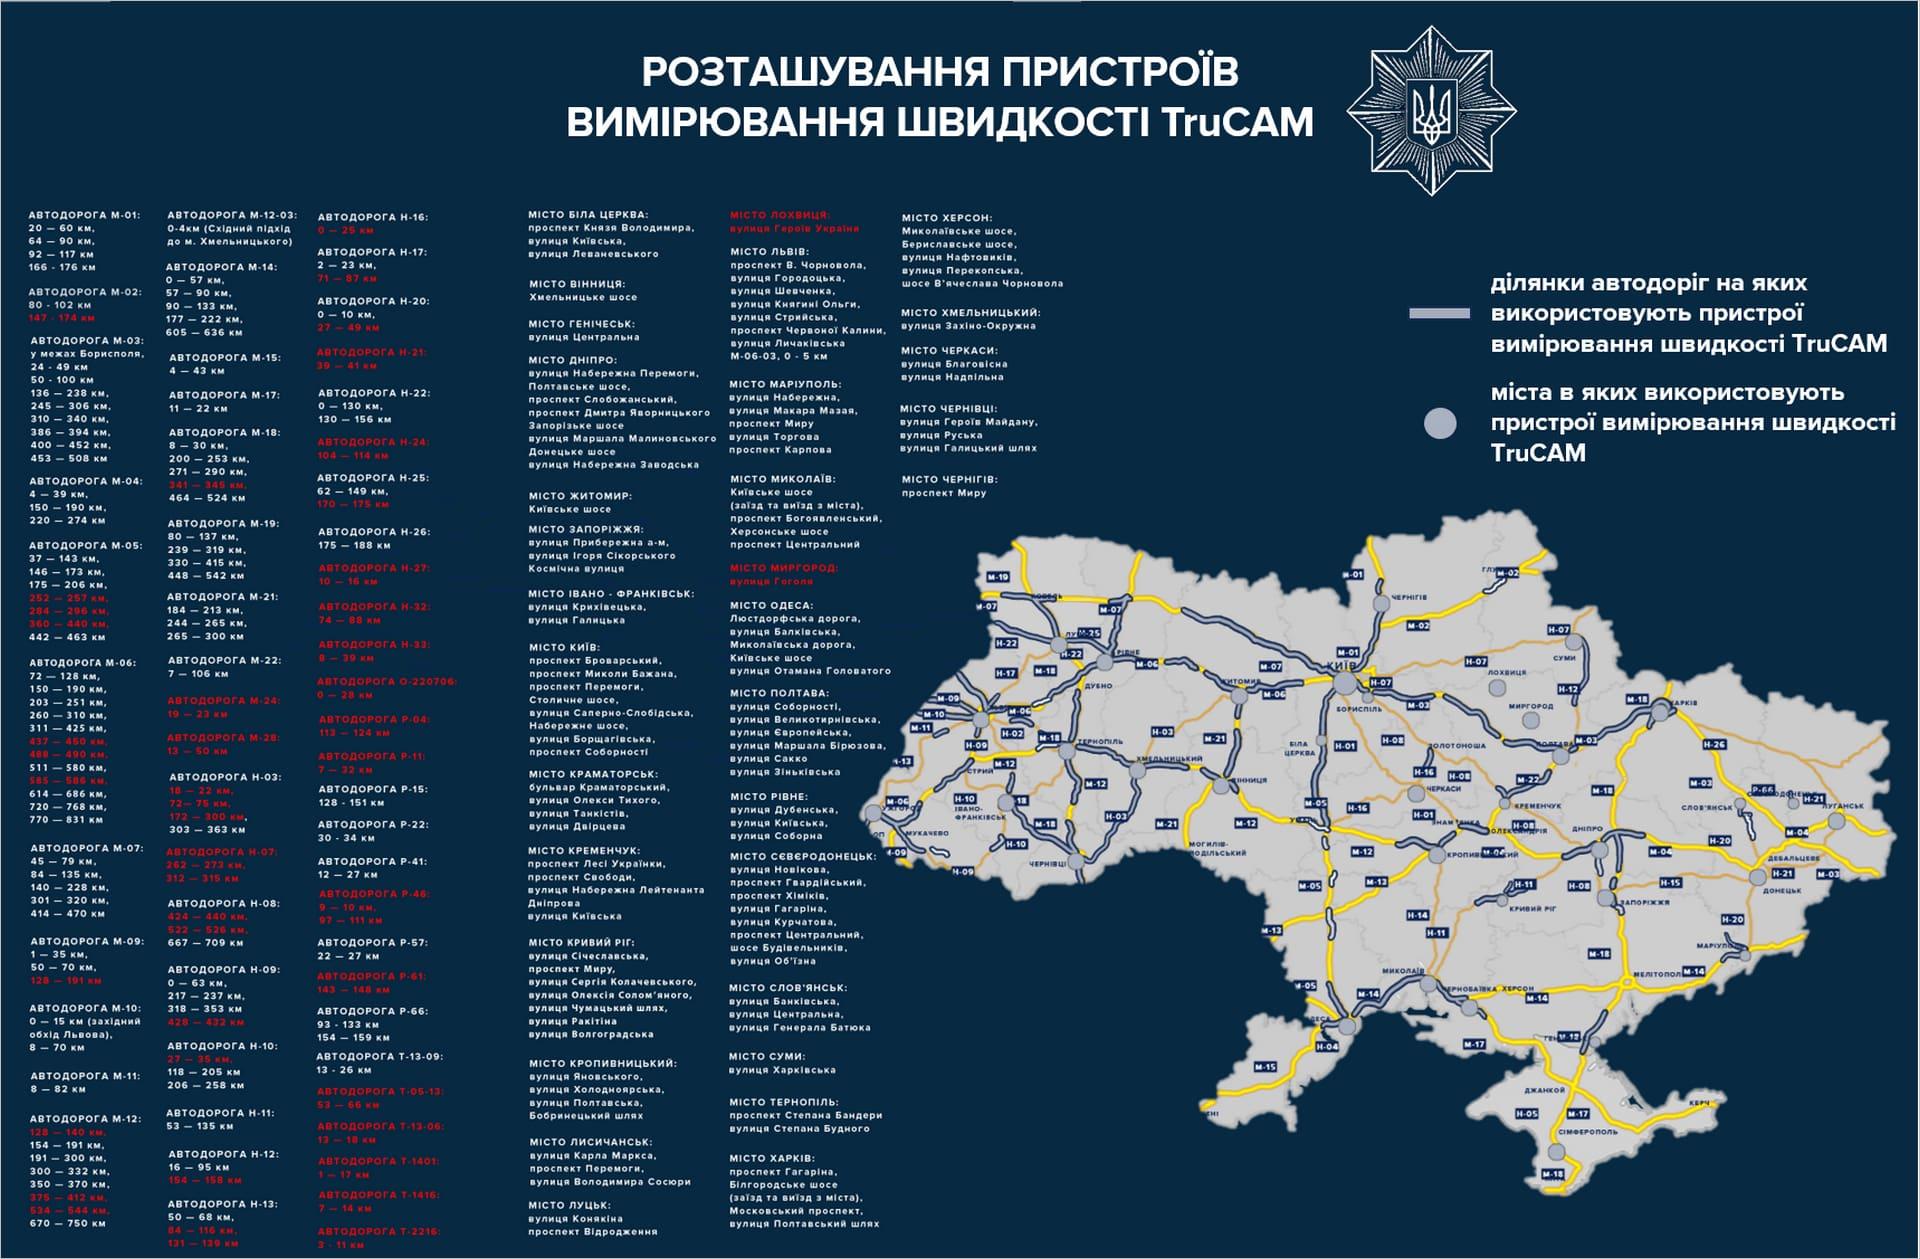 Карта камер швидкості на дорогах Києва і України